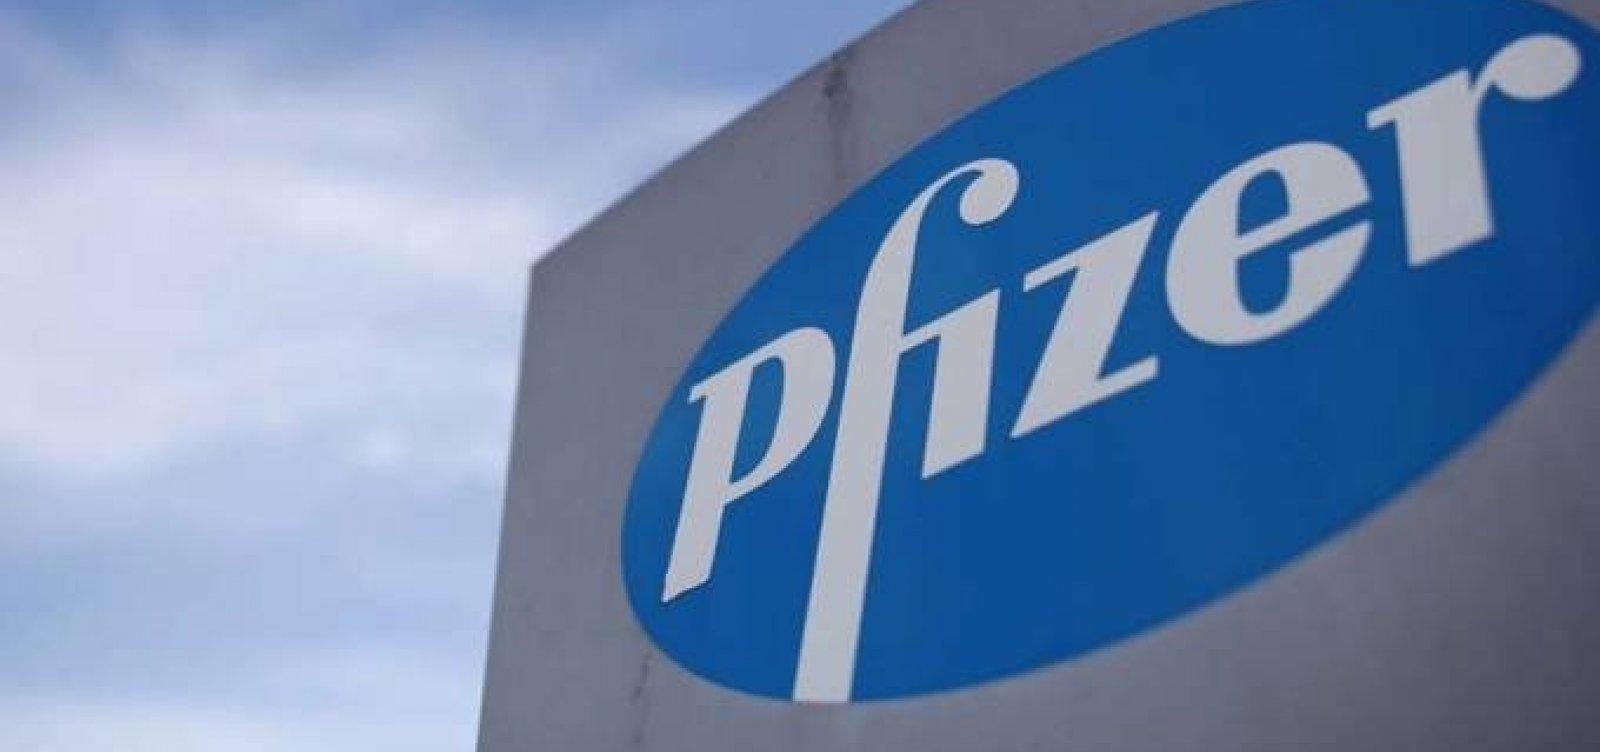 Reforço da Pfizer chega a aumentar em 20 vezes anticorpos de vacinados com Coronavac